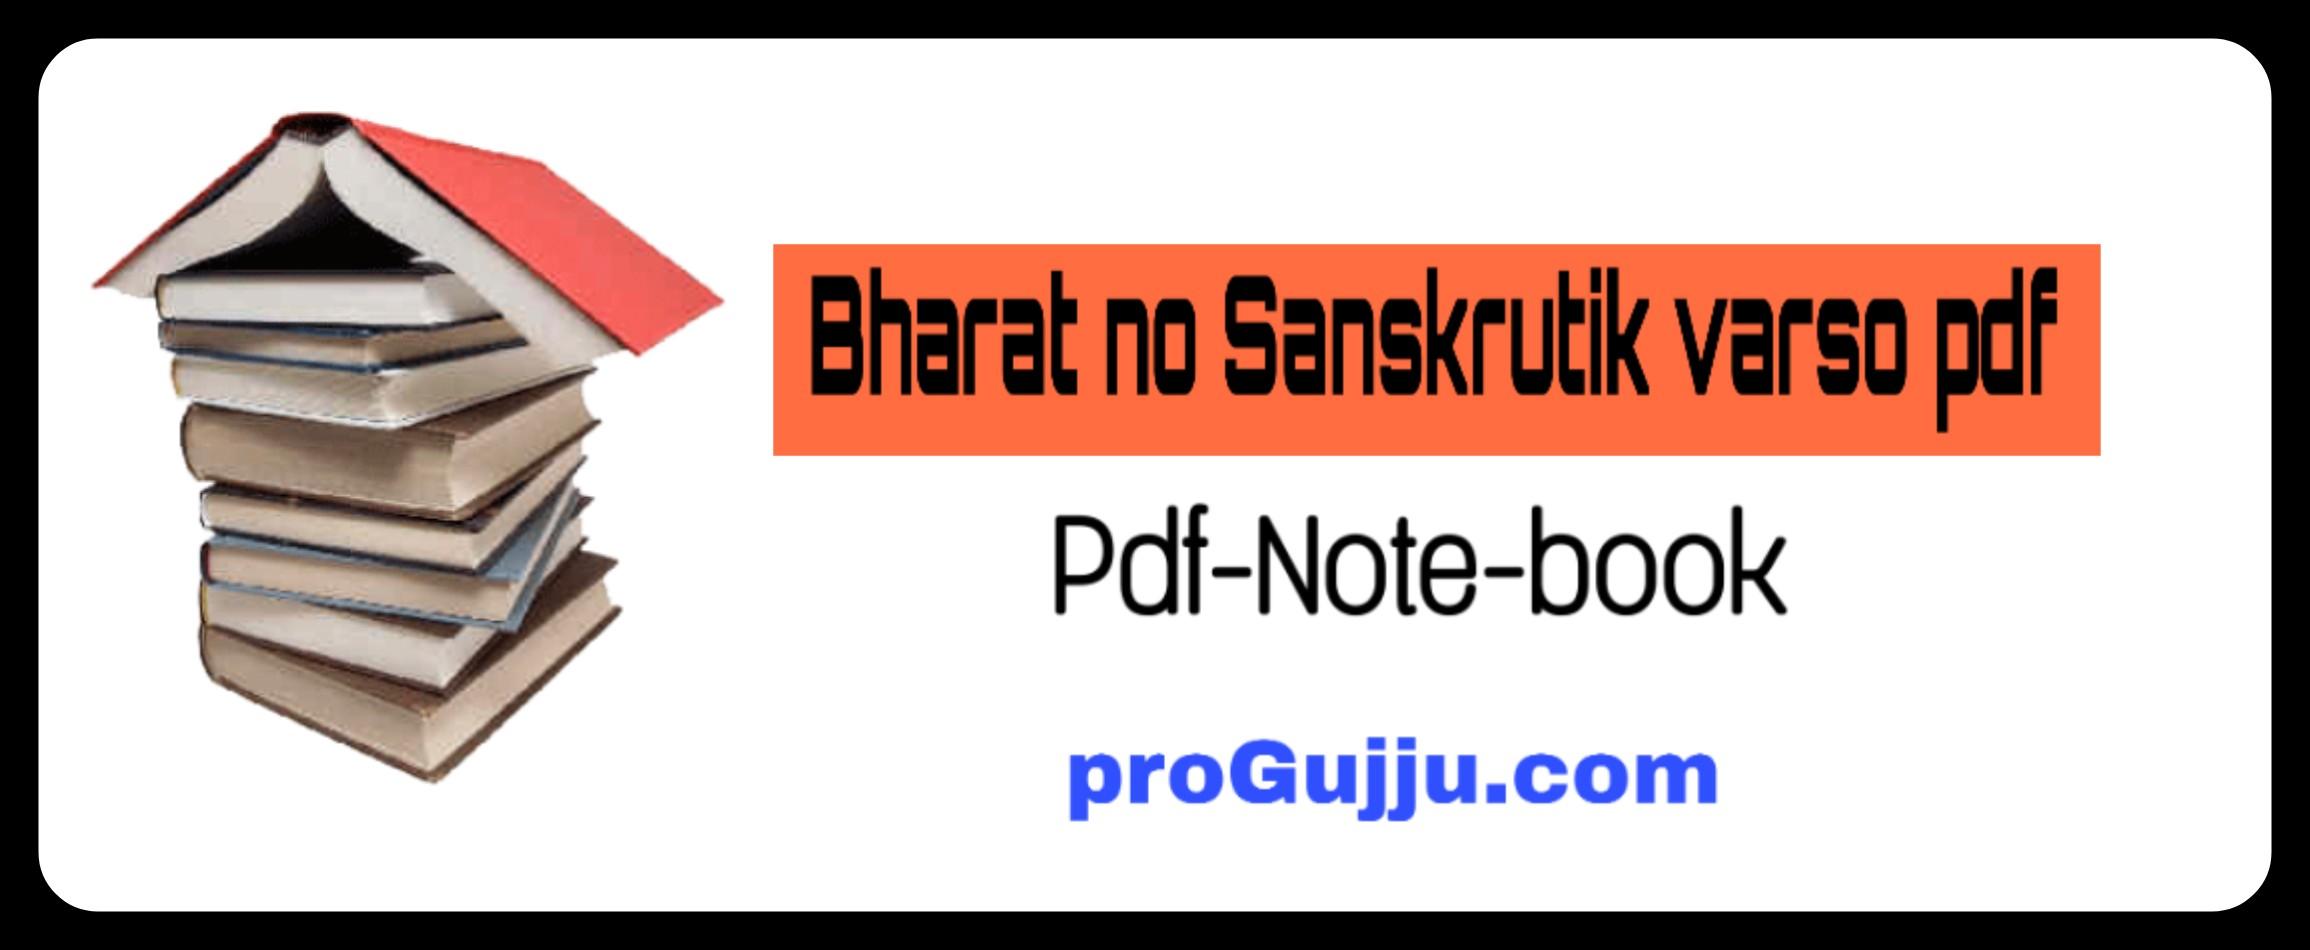 bharat no Sanskrutik Varso PDF